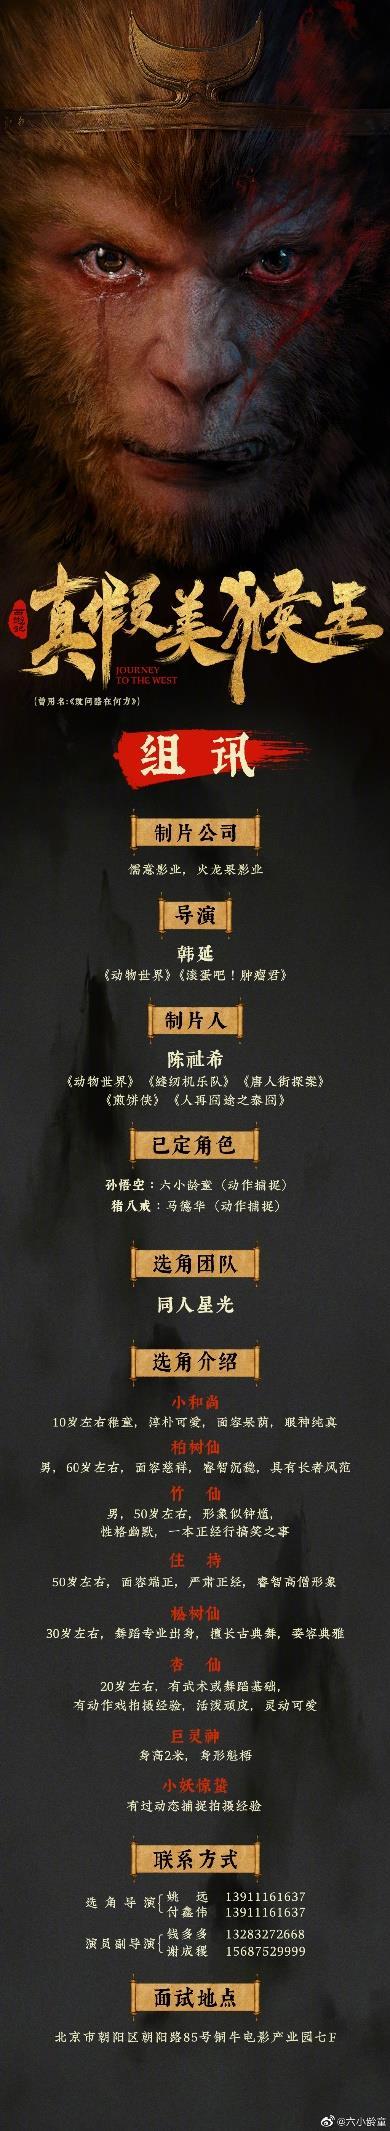 《西游记真假美猴王》电影确定 六小龄童真人演绎经典孙悟空